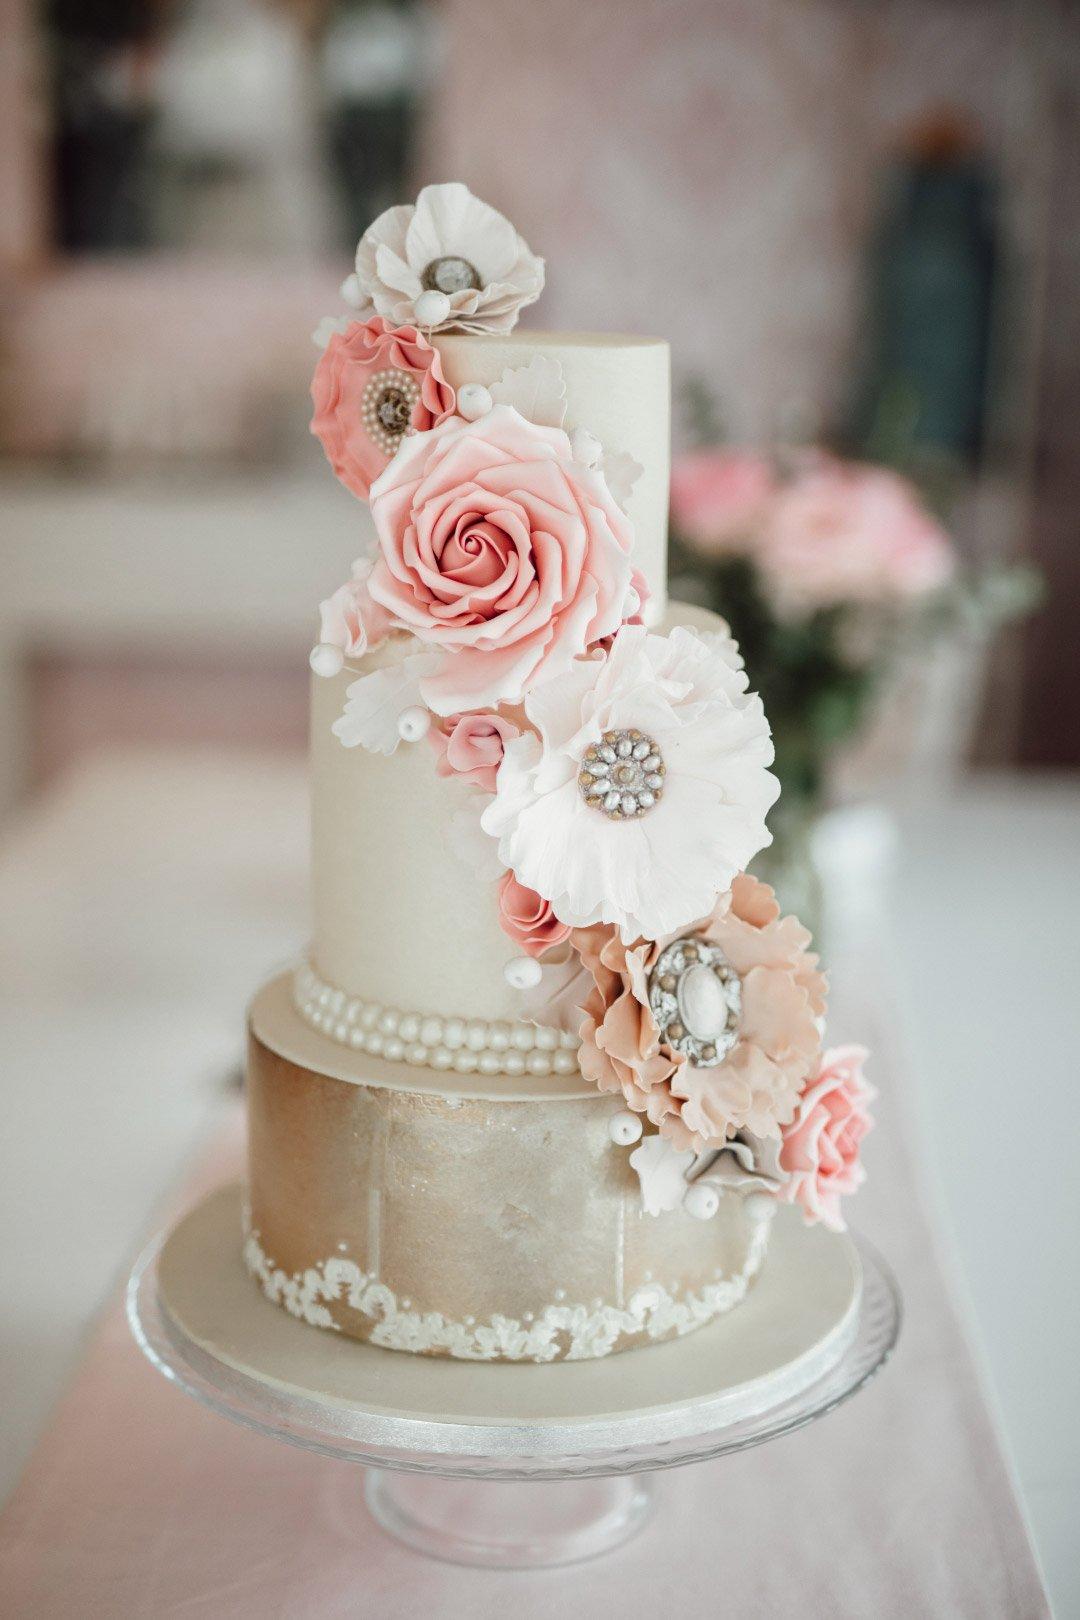 Dreistöckige Hochzeitstorte mit aus Zuckerpaste modellierten Blumen